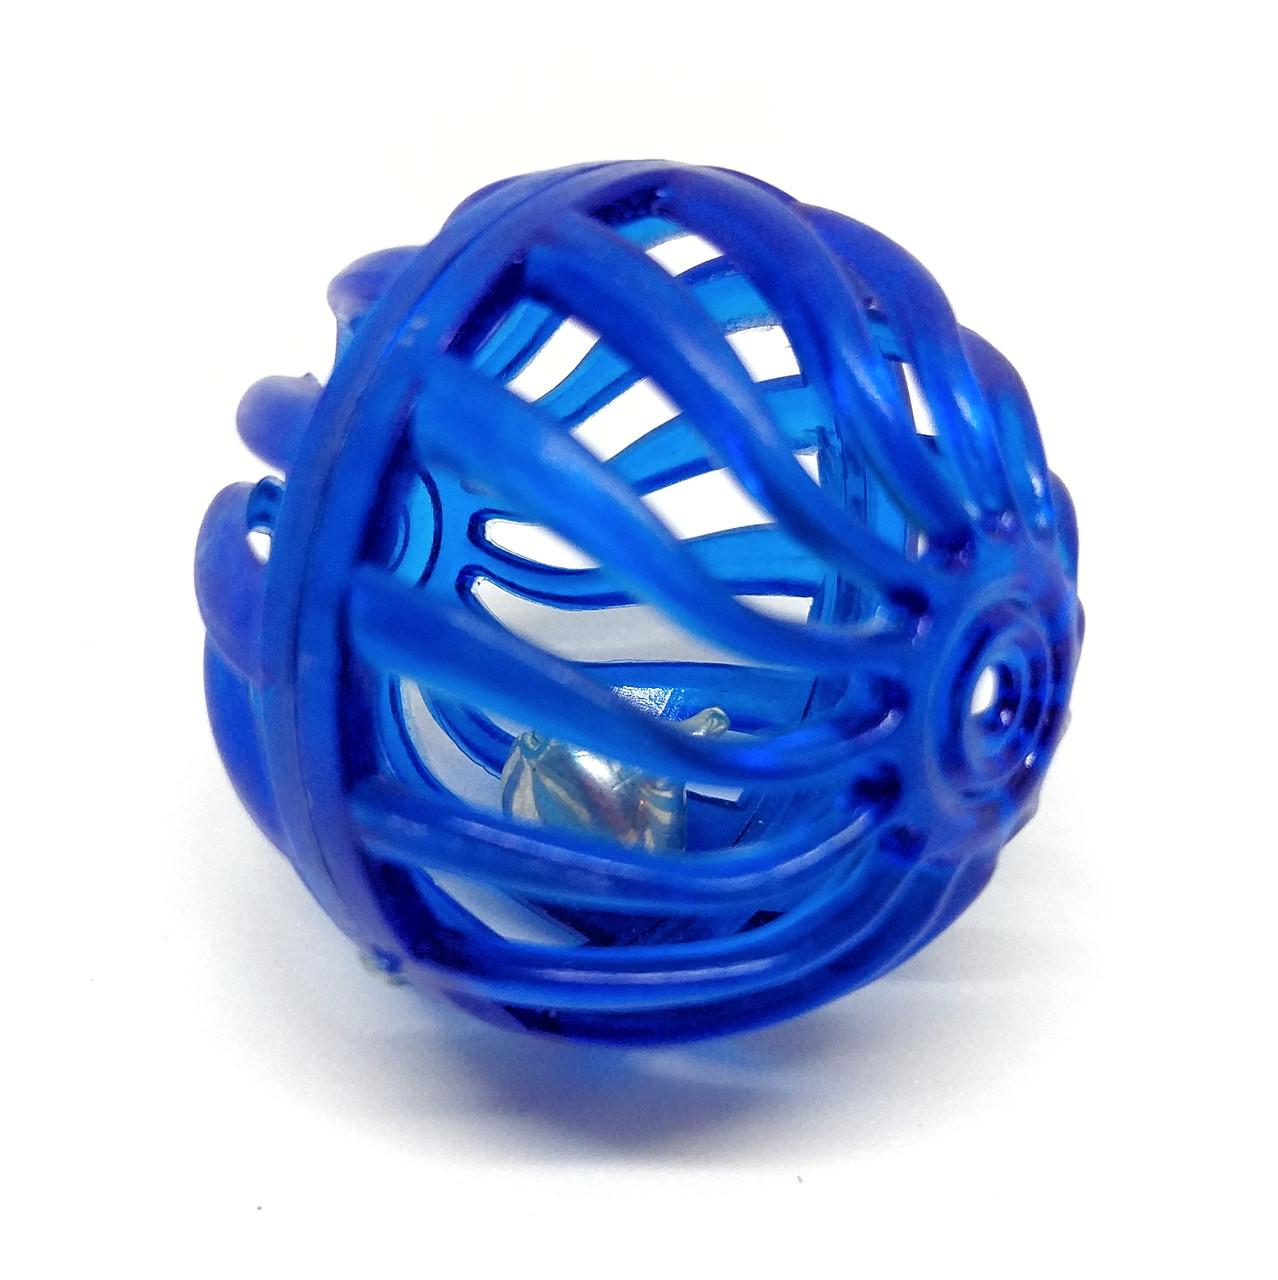 Игрушка для кошек Мячик-погремушка Zizi синий 4 см